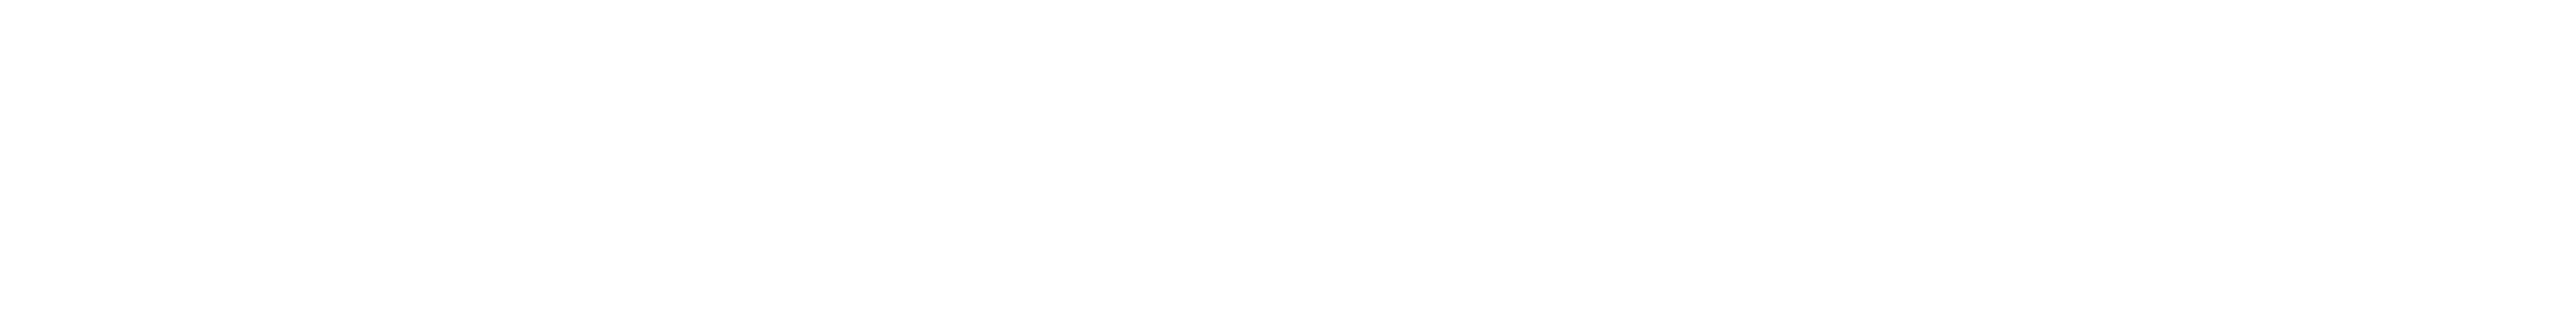 Matching Value vendre son entreprise